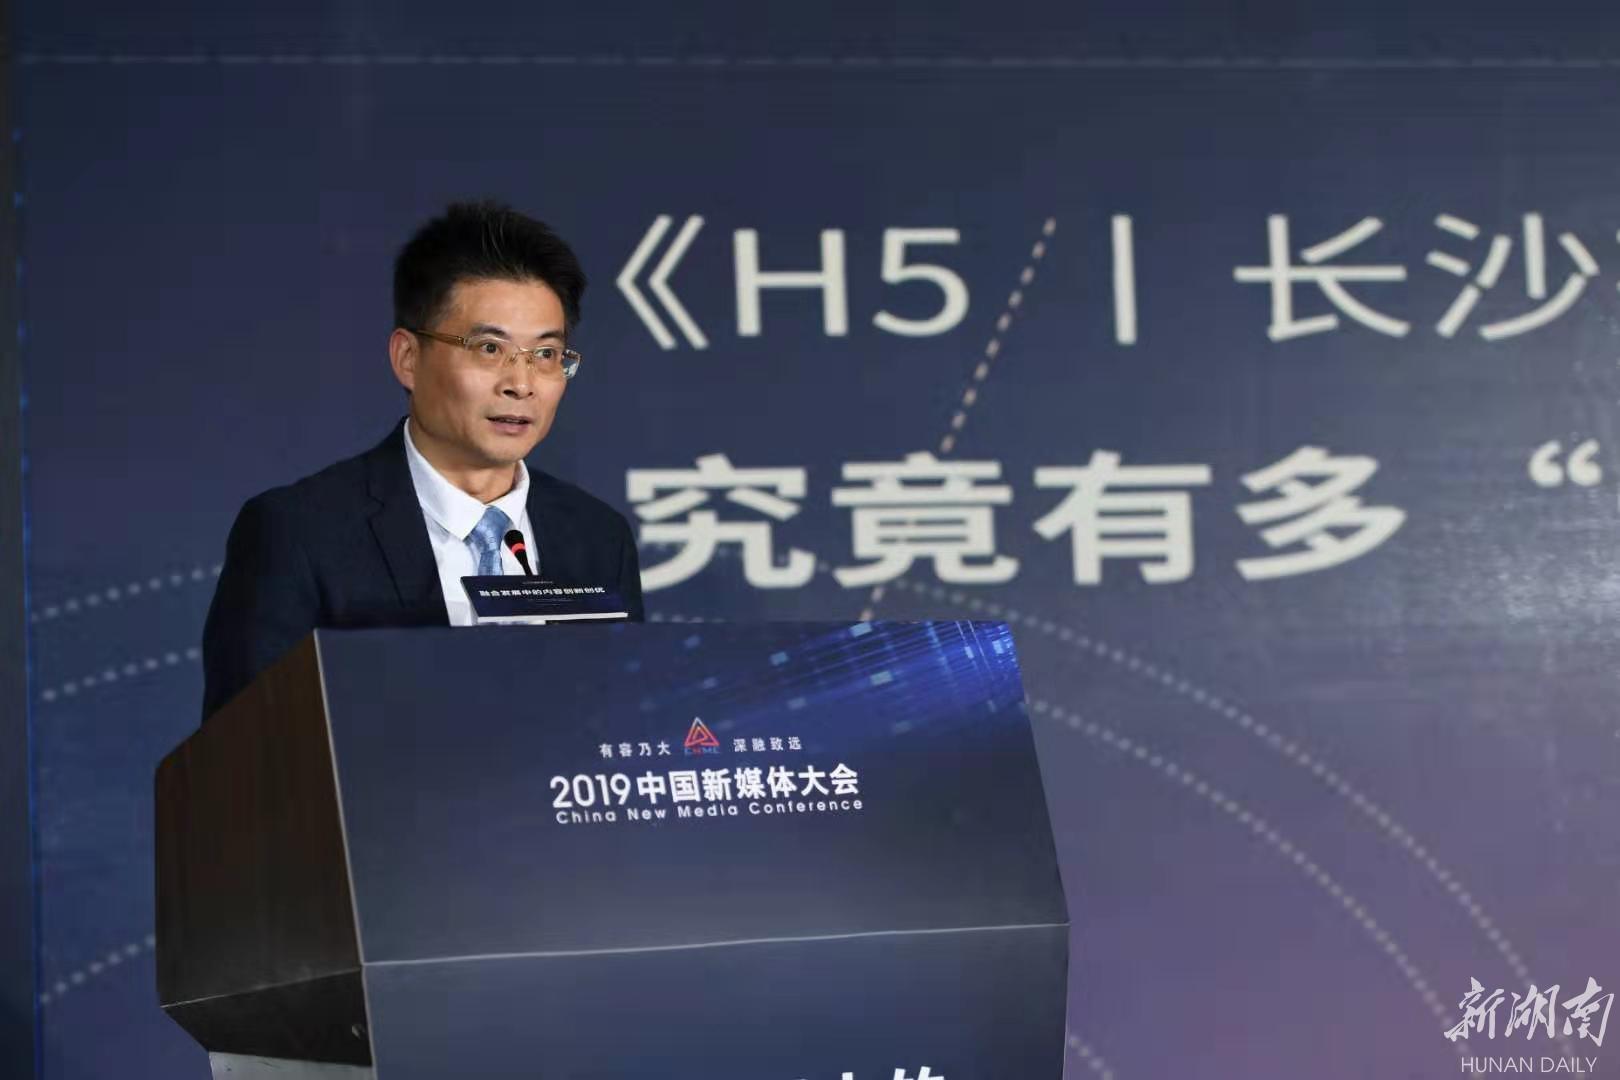 超多图!这个分论坛真火爆! 新湖南www.hunanabc.com